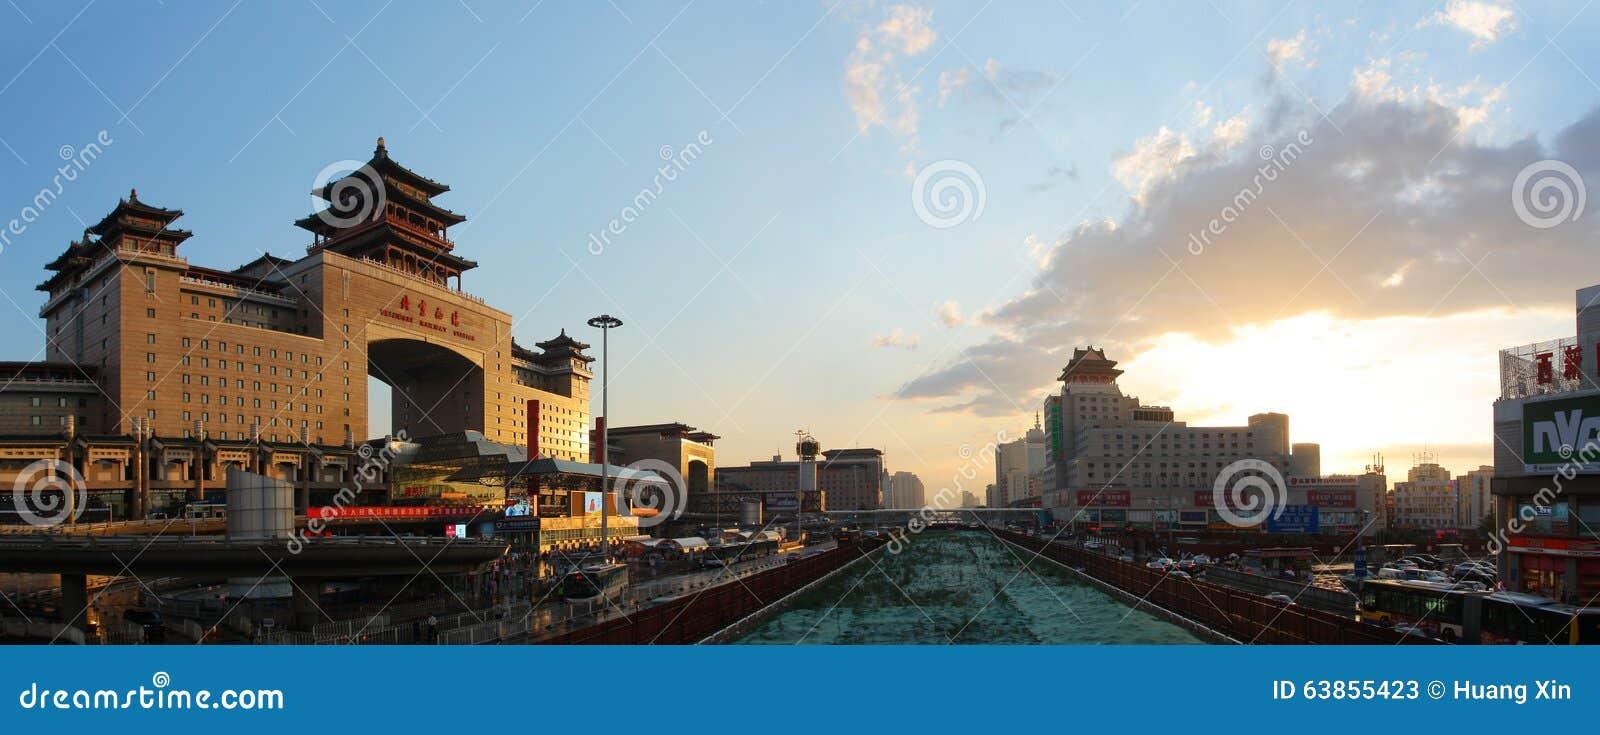 Железнодорожный вокзал Пекина, западный железнодорожный вокзал